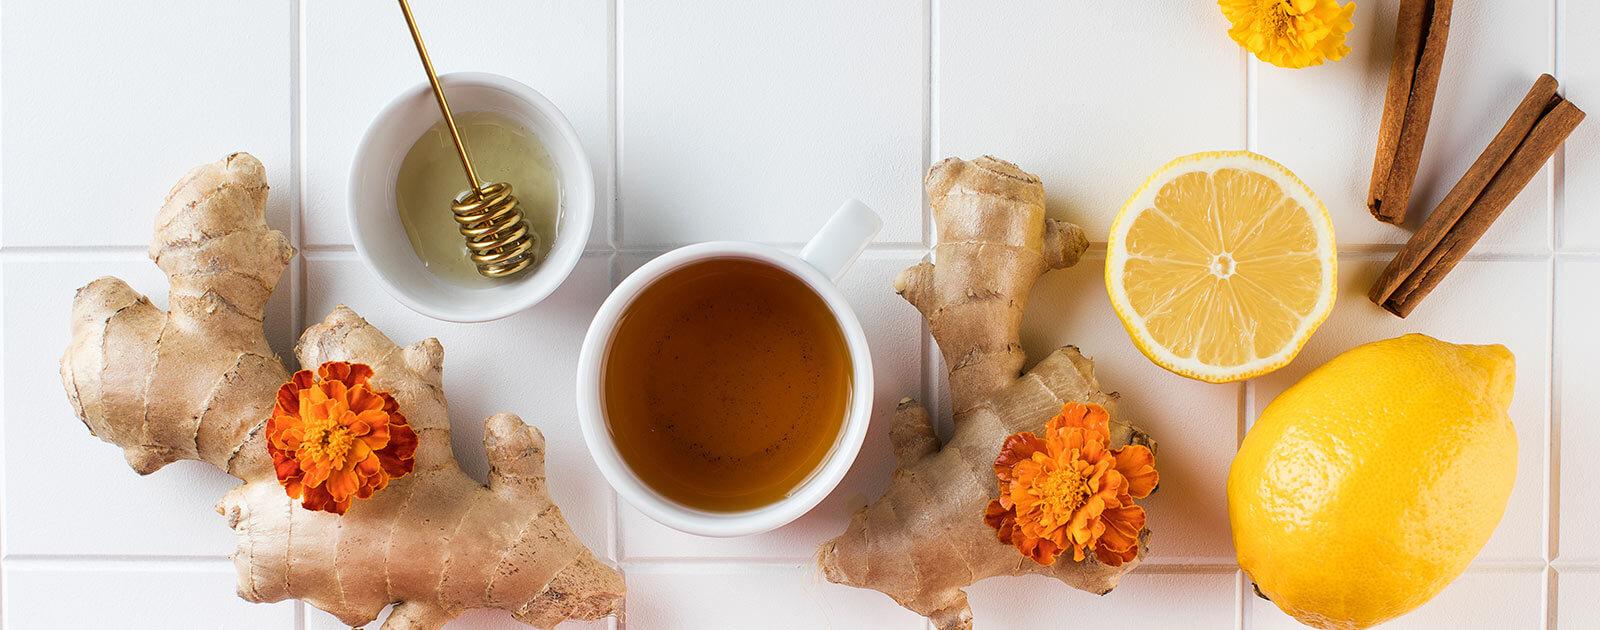 thé au citron avec gingembre et miel